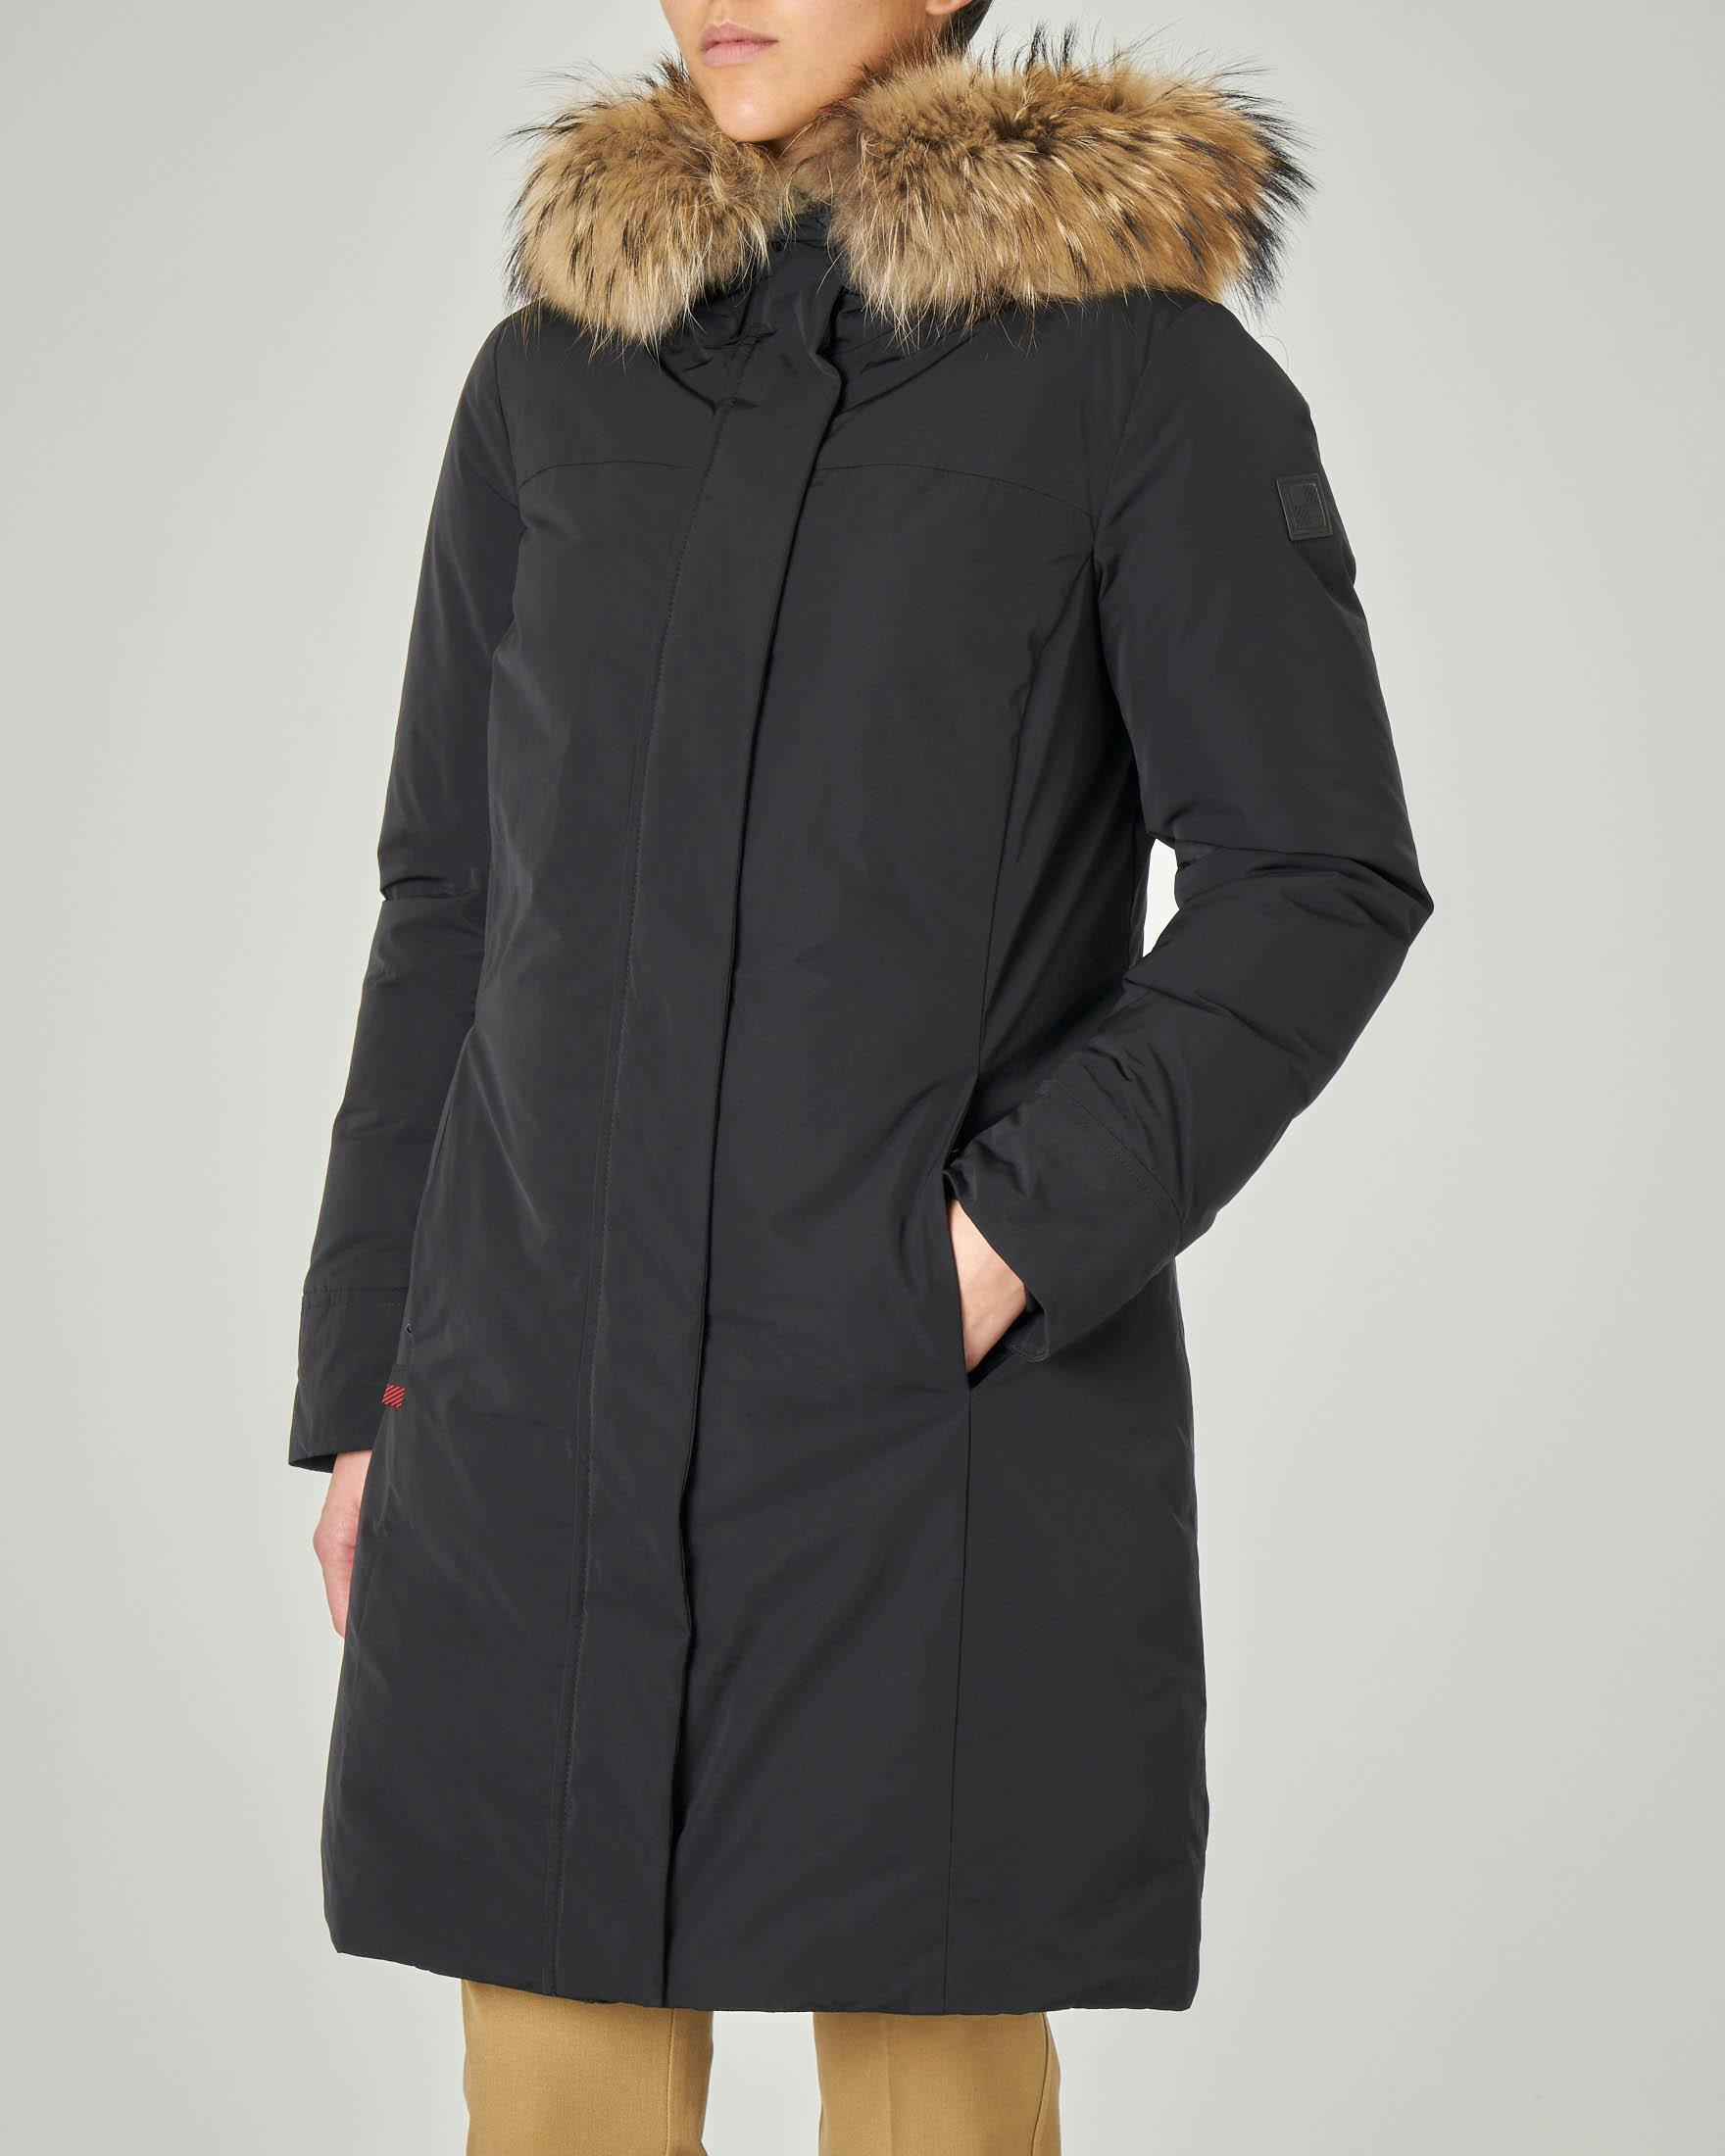 W'S Luxury Boulder Coat nero con profilo in pelliccia di murmasky